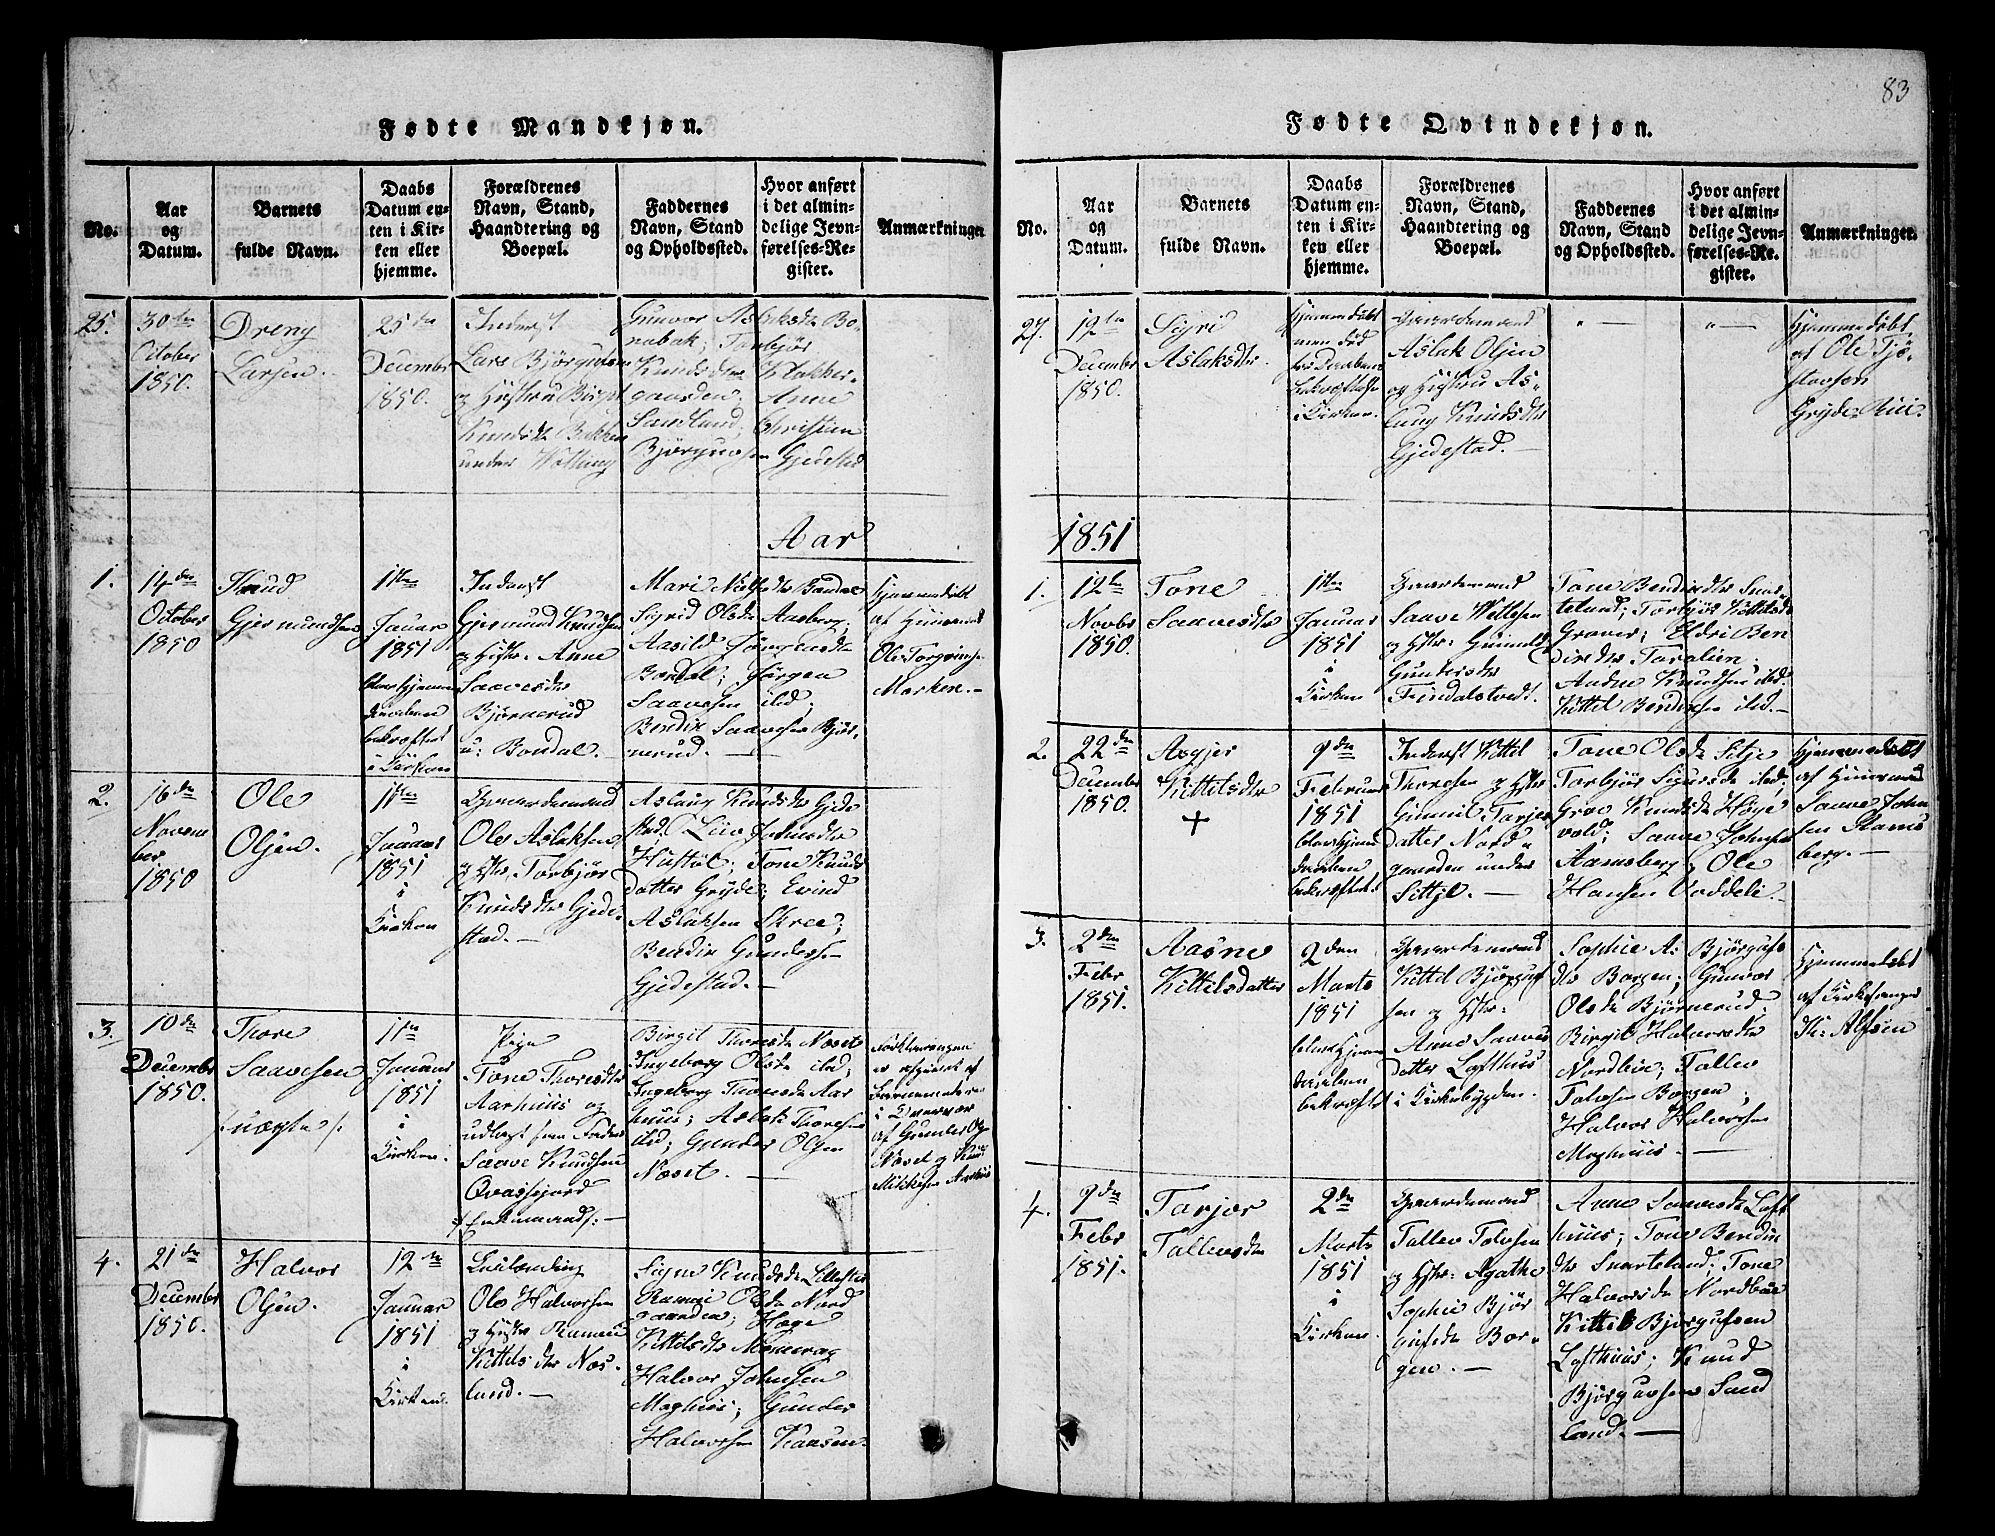 SAKO, Fyresdal kirkebøker, G/Ga/L0002: Klokkerbok nr. I 2, 1815-1857, s. 83